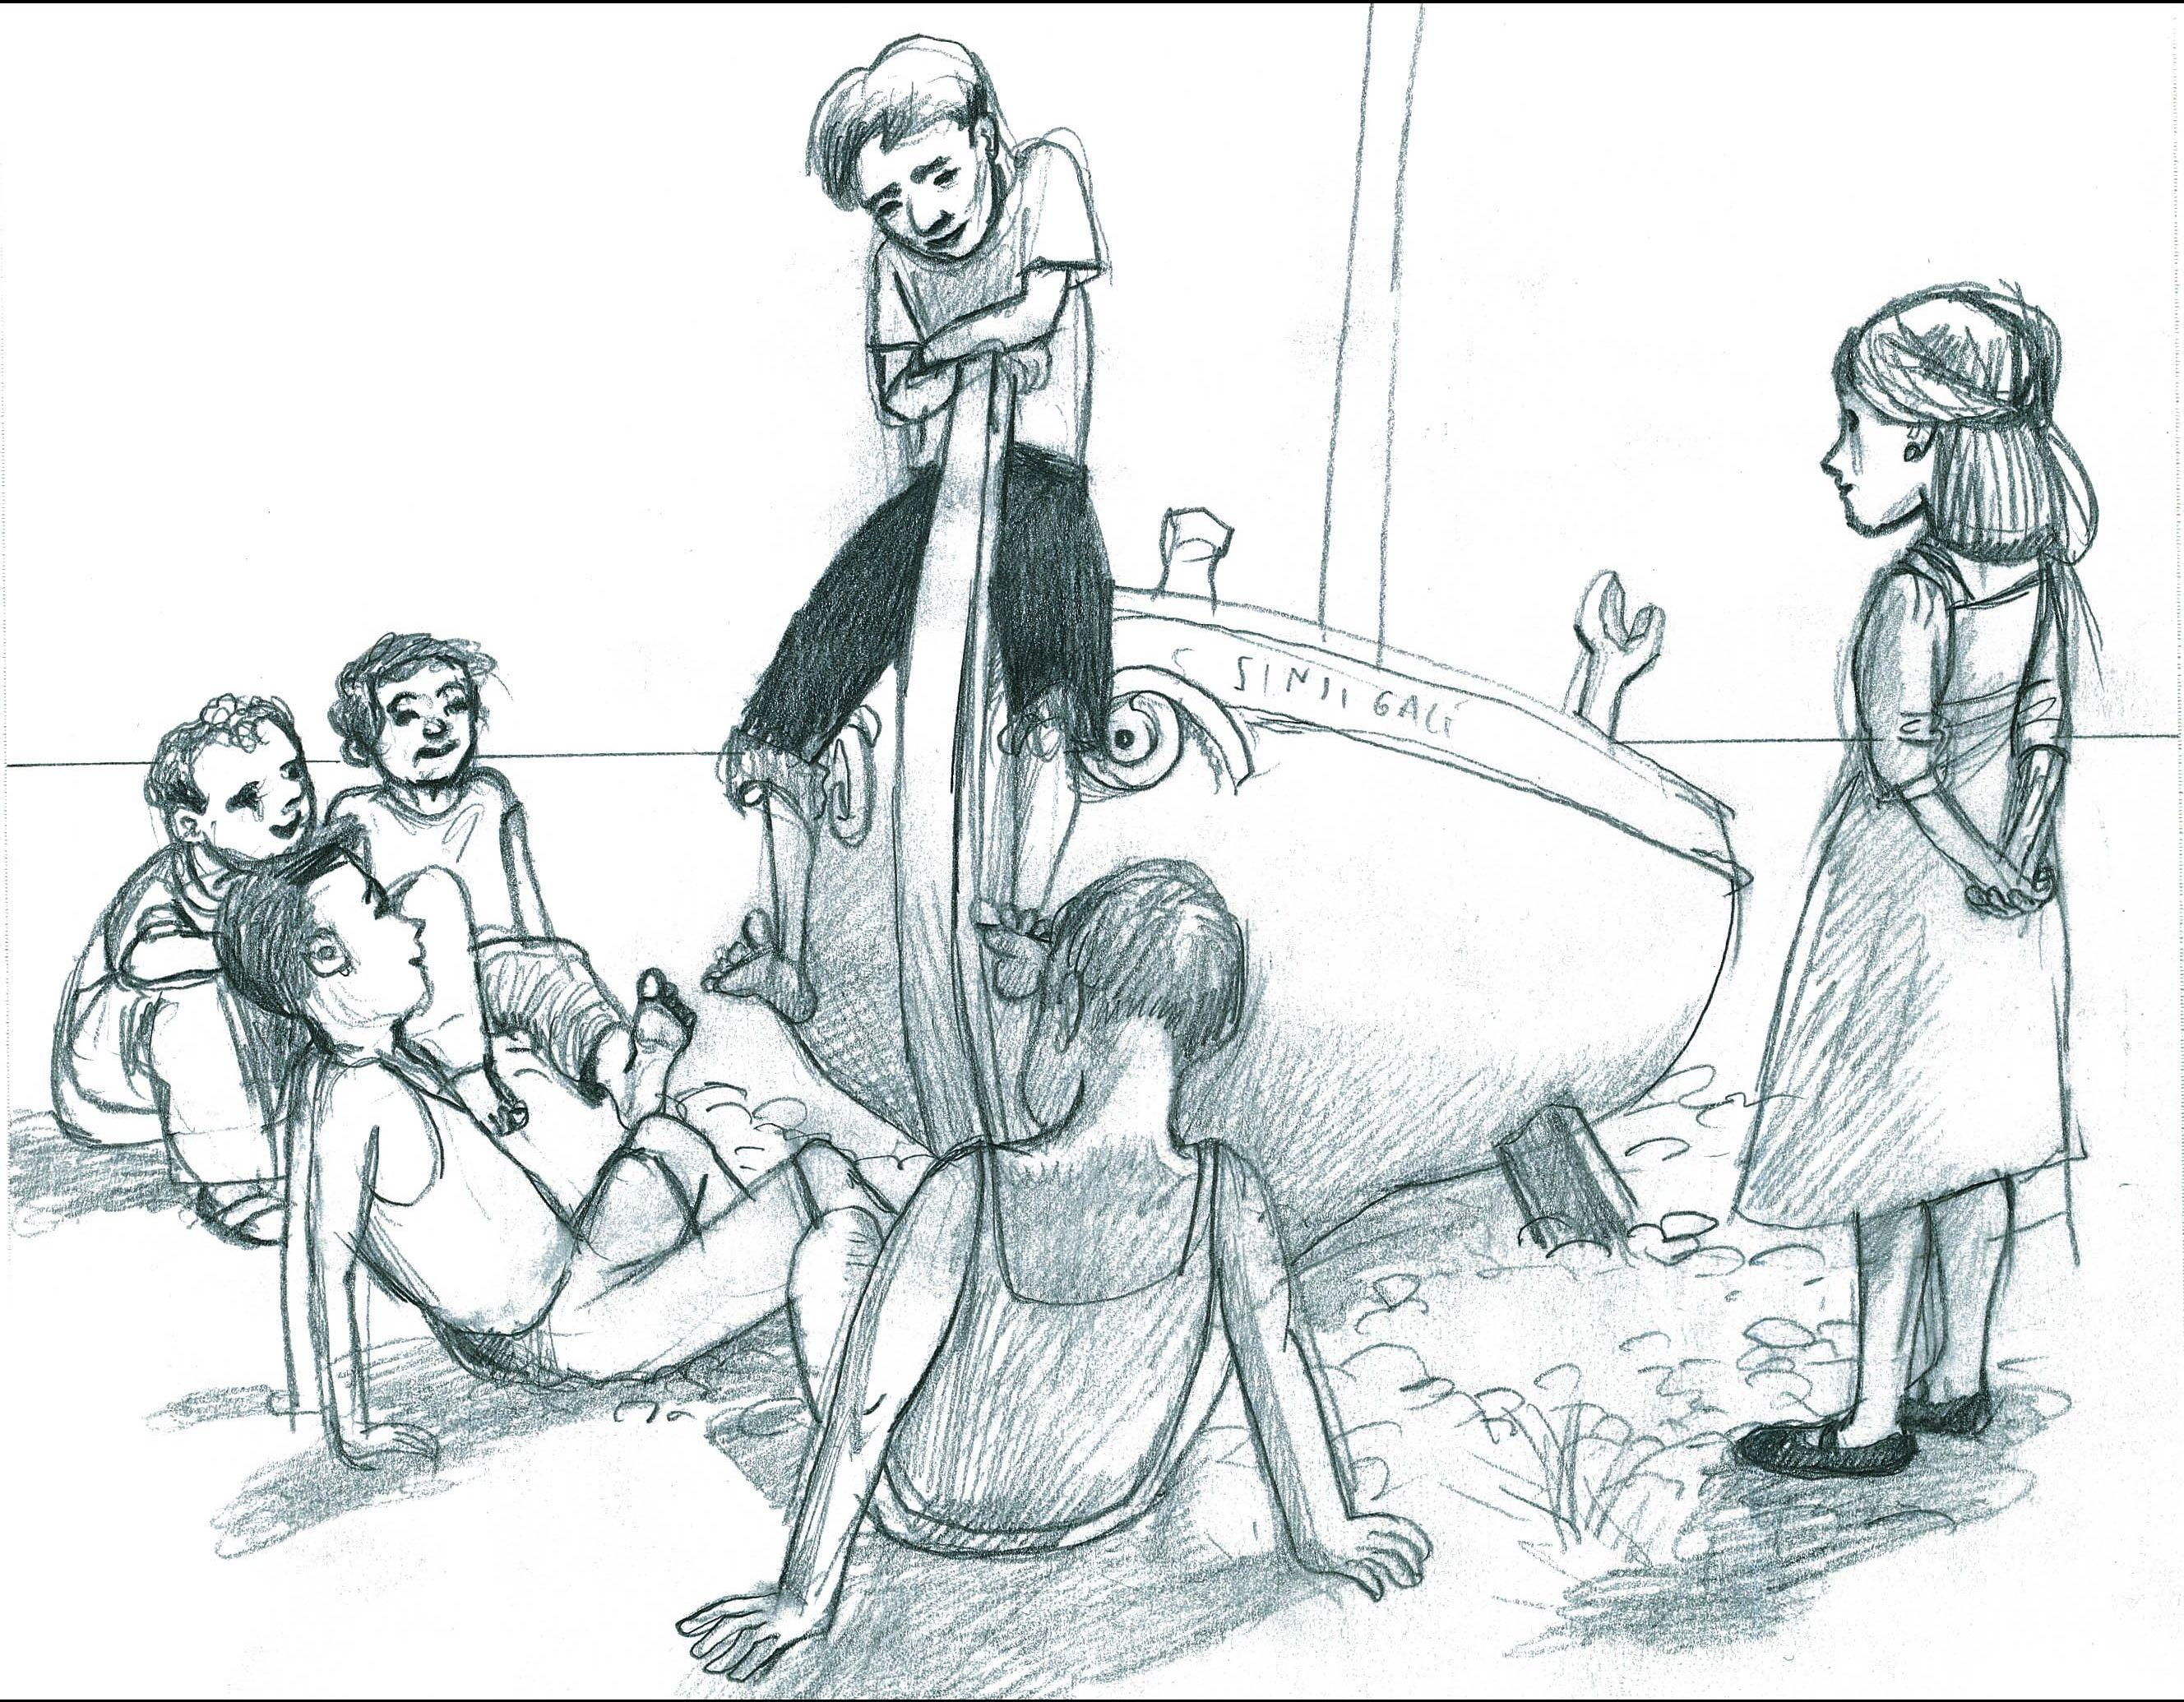 22. Pripovedovalski festival: Bratovščina sinjega galeba